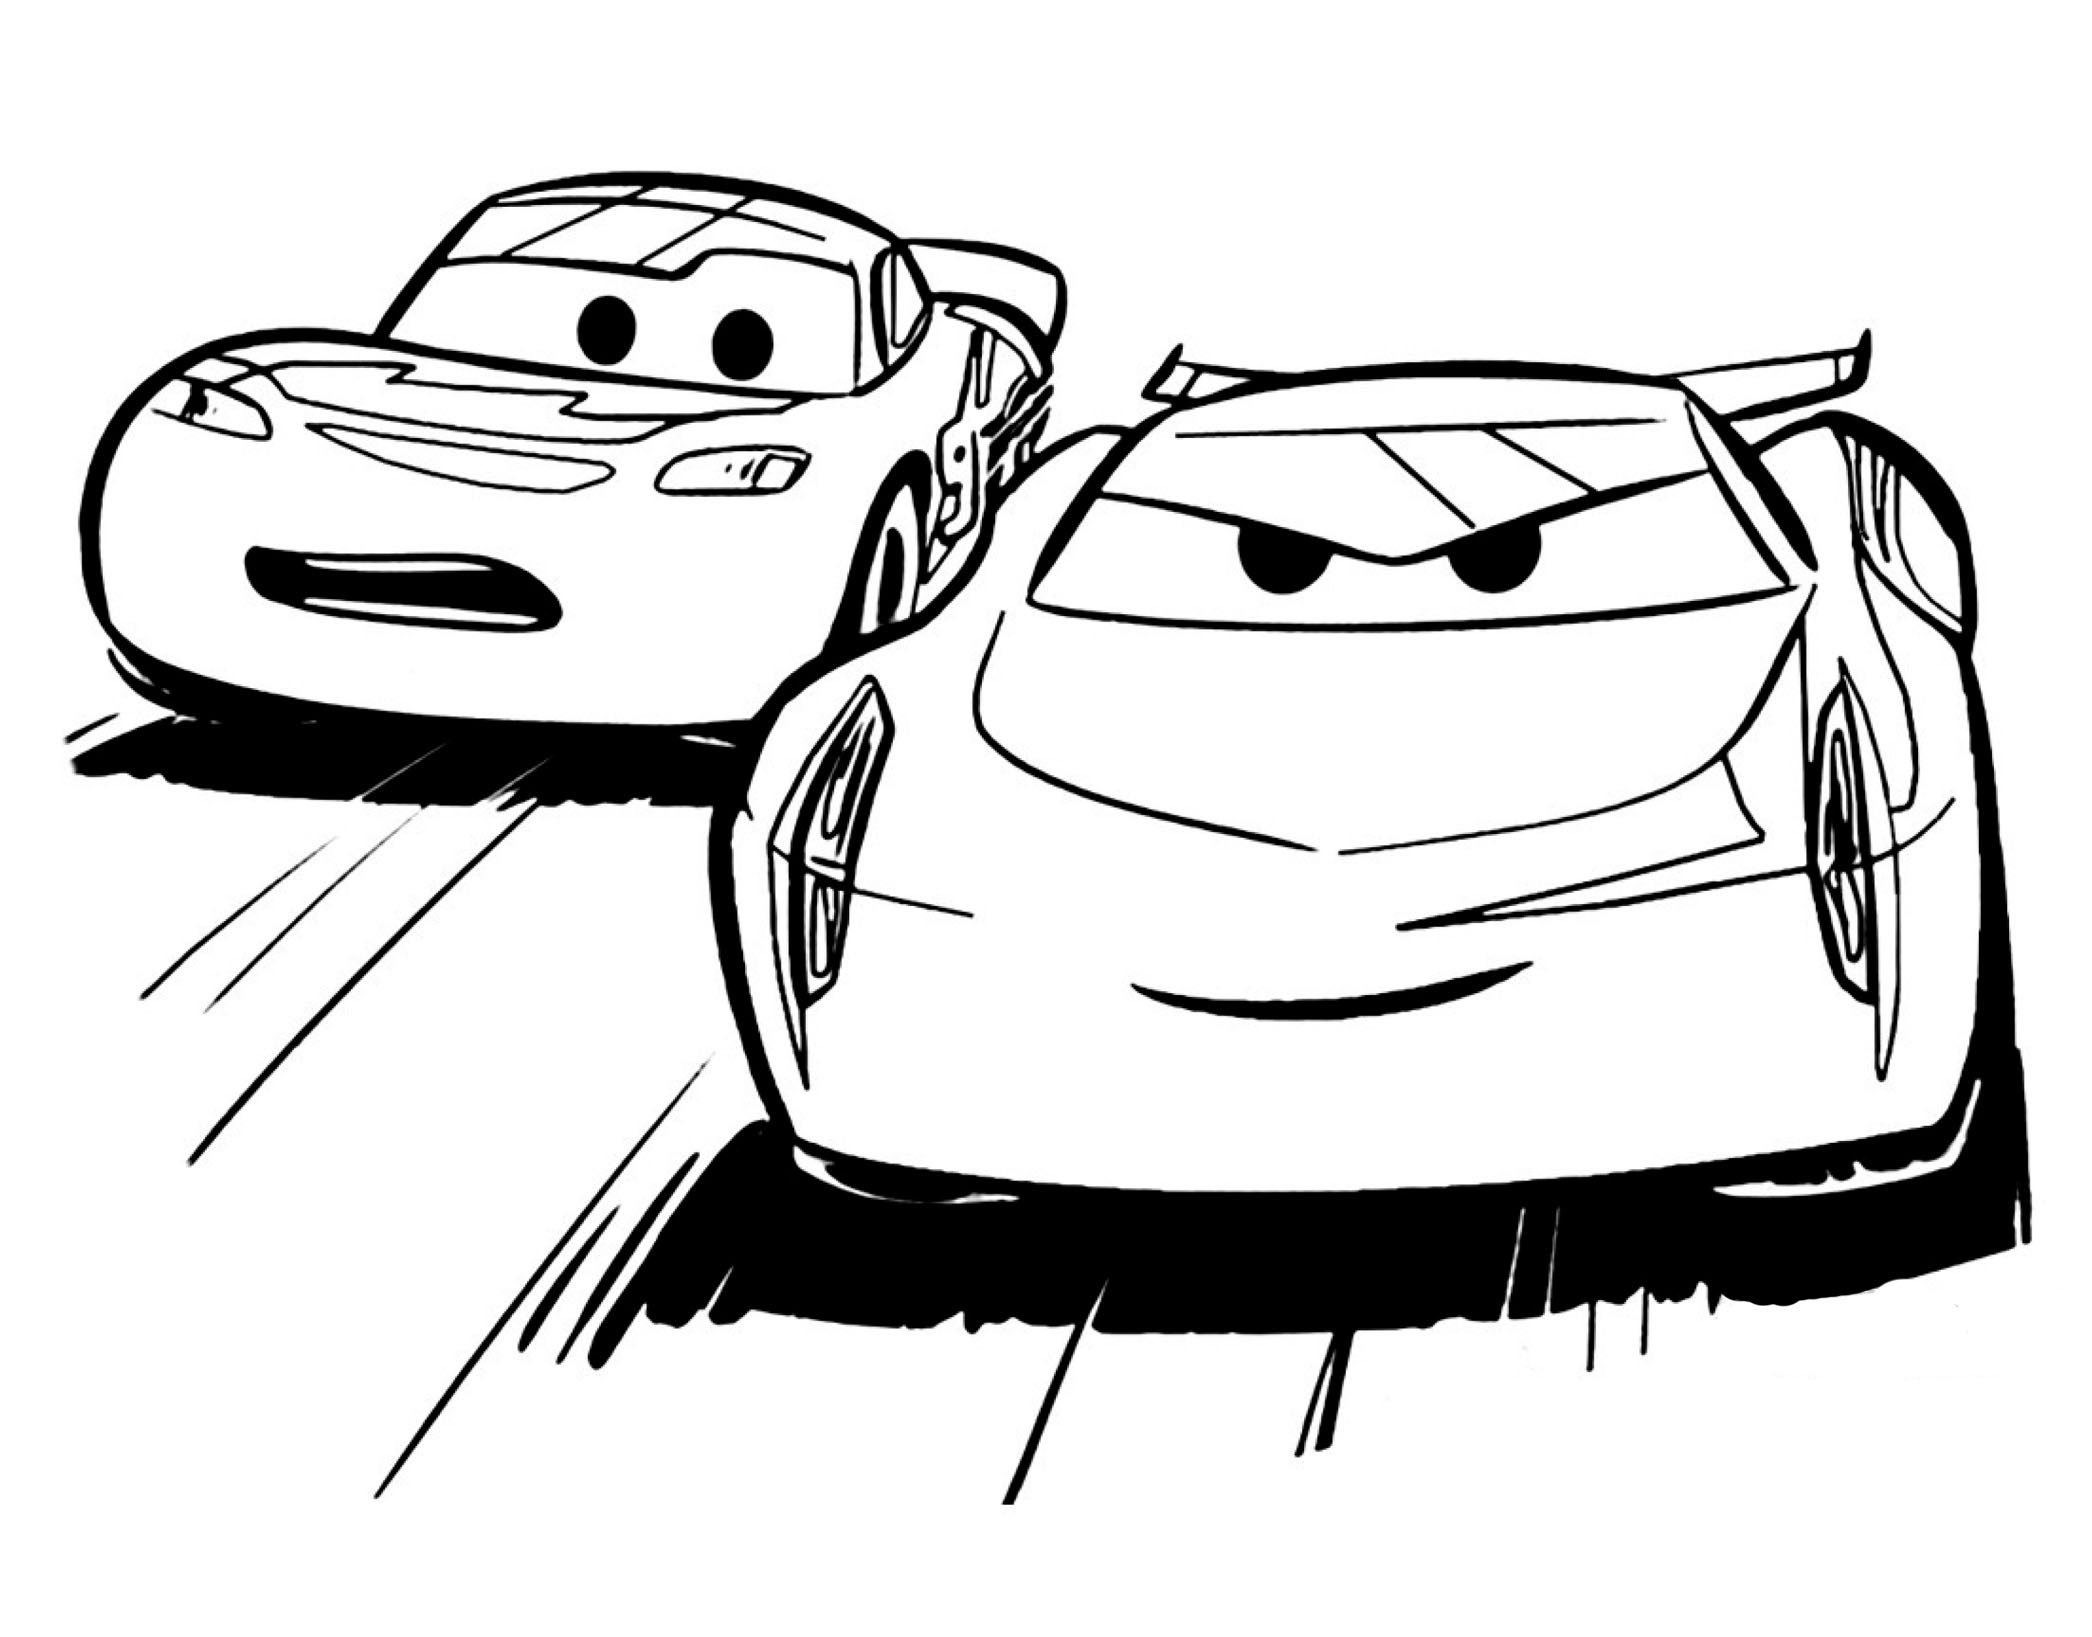 Disegni da colorare cars 3 sogni d 39 oro for Disegni da stampare e colorare cars